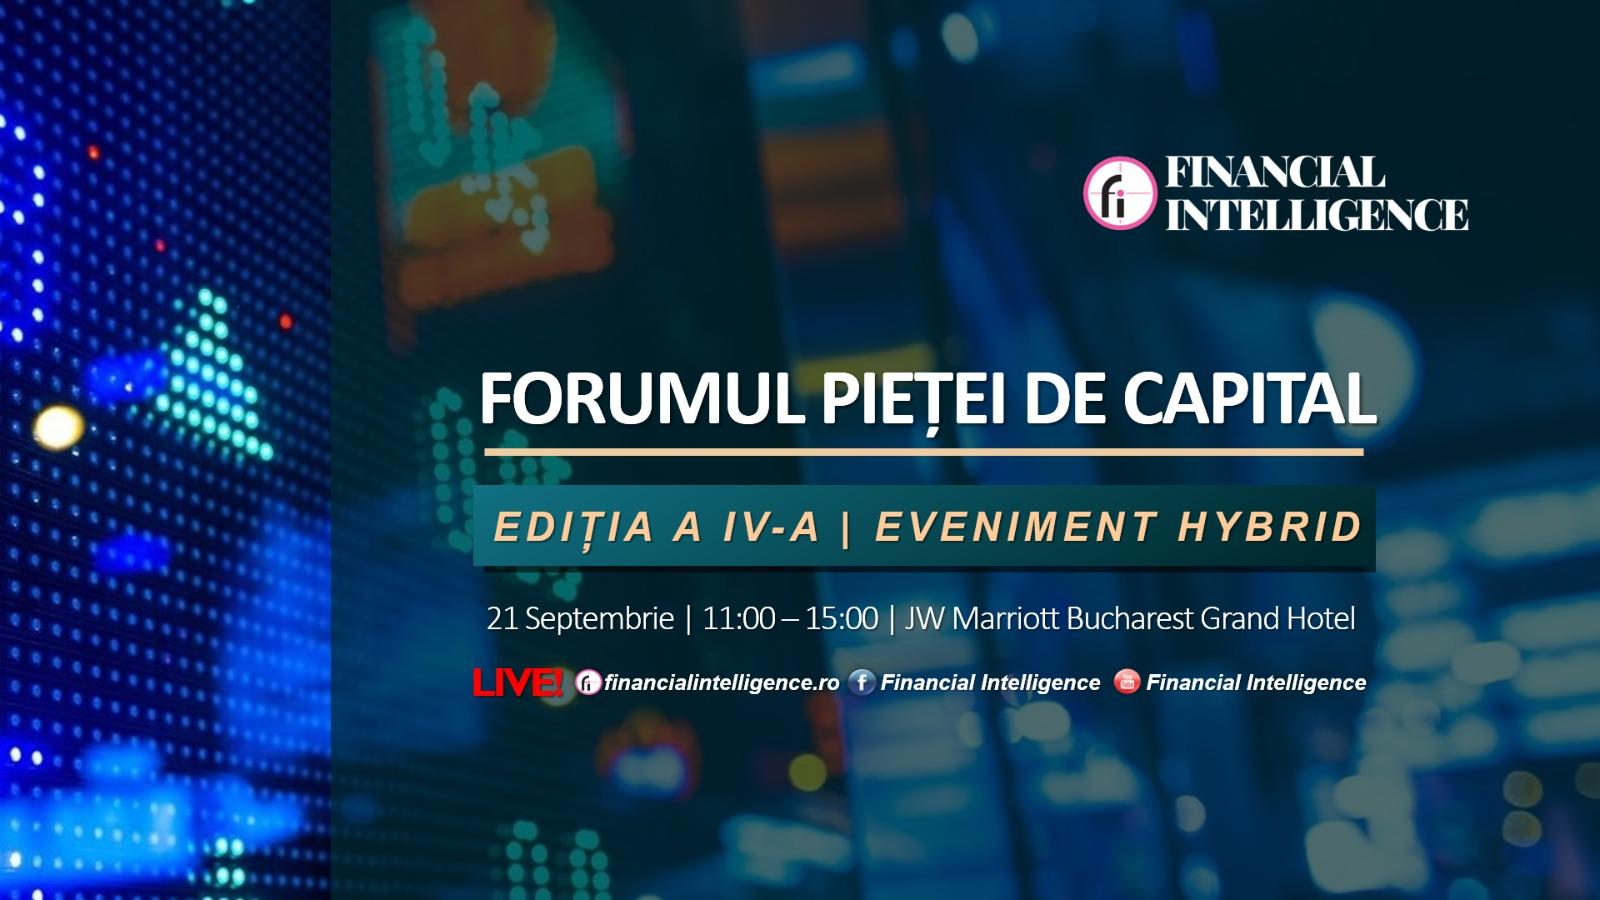 Prim-Ministrul României Florin Cîțu va participa la FORUMUL PIEȚEI DE CAPITAL organizat de Financial Intelligence mâine, 21 septembrie